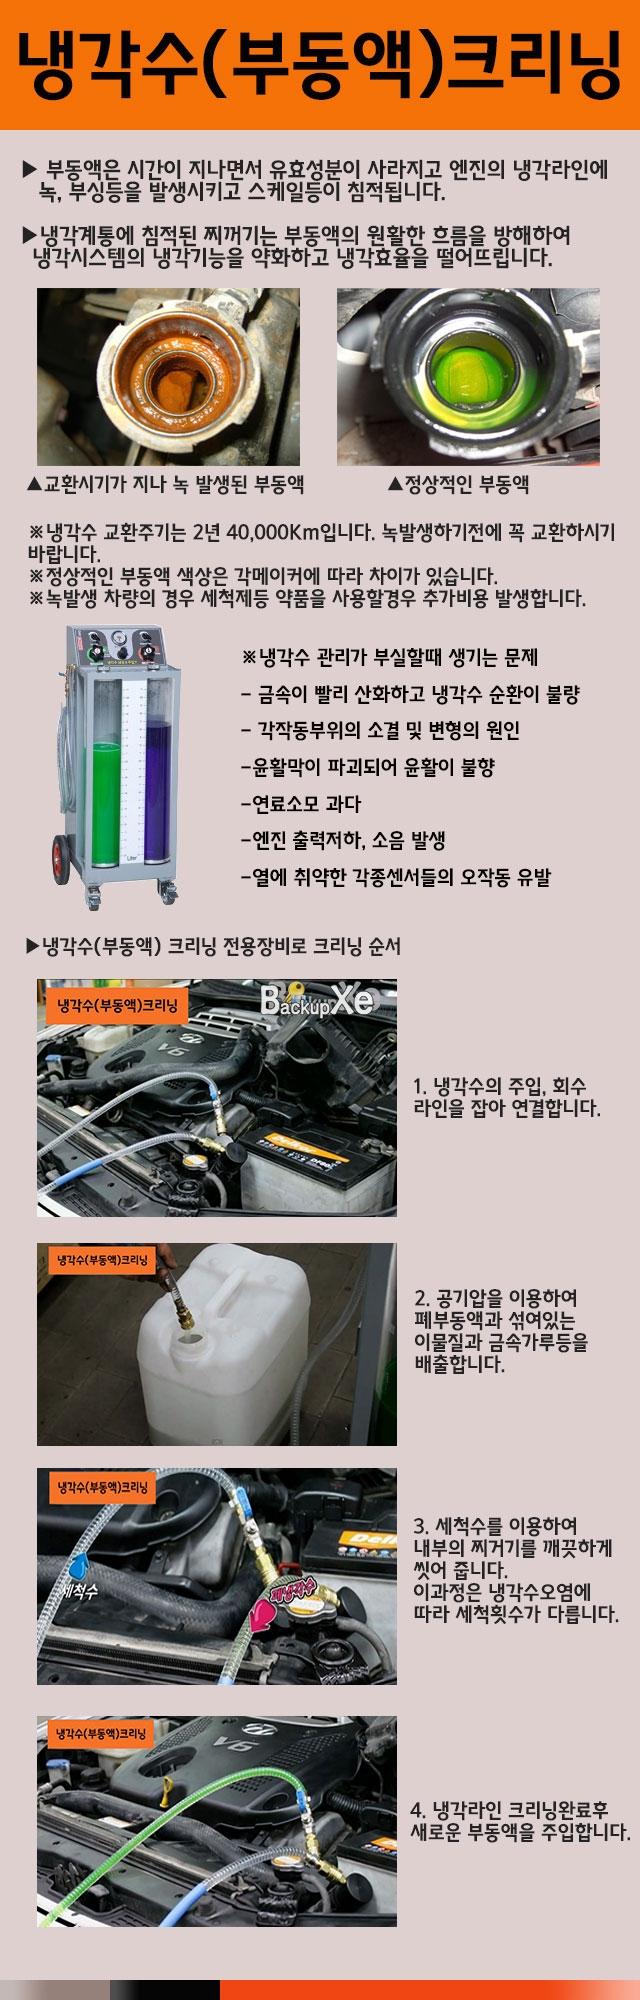 냉각수크리닝-최종.jpg